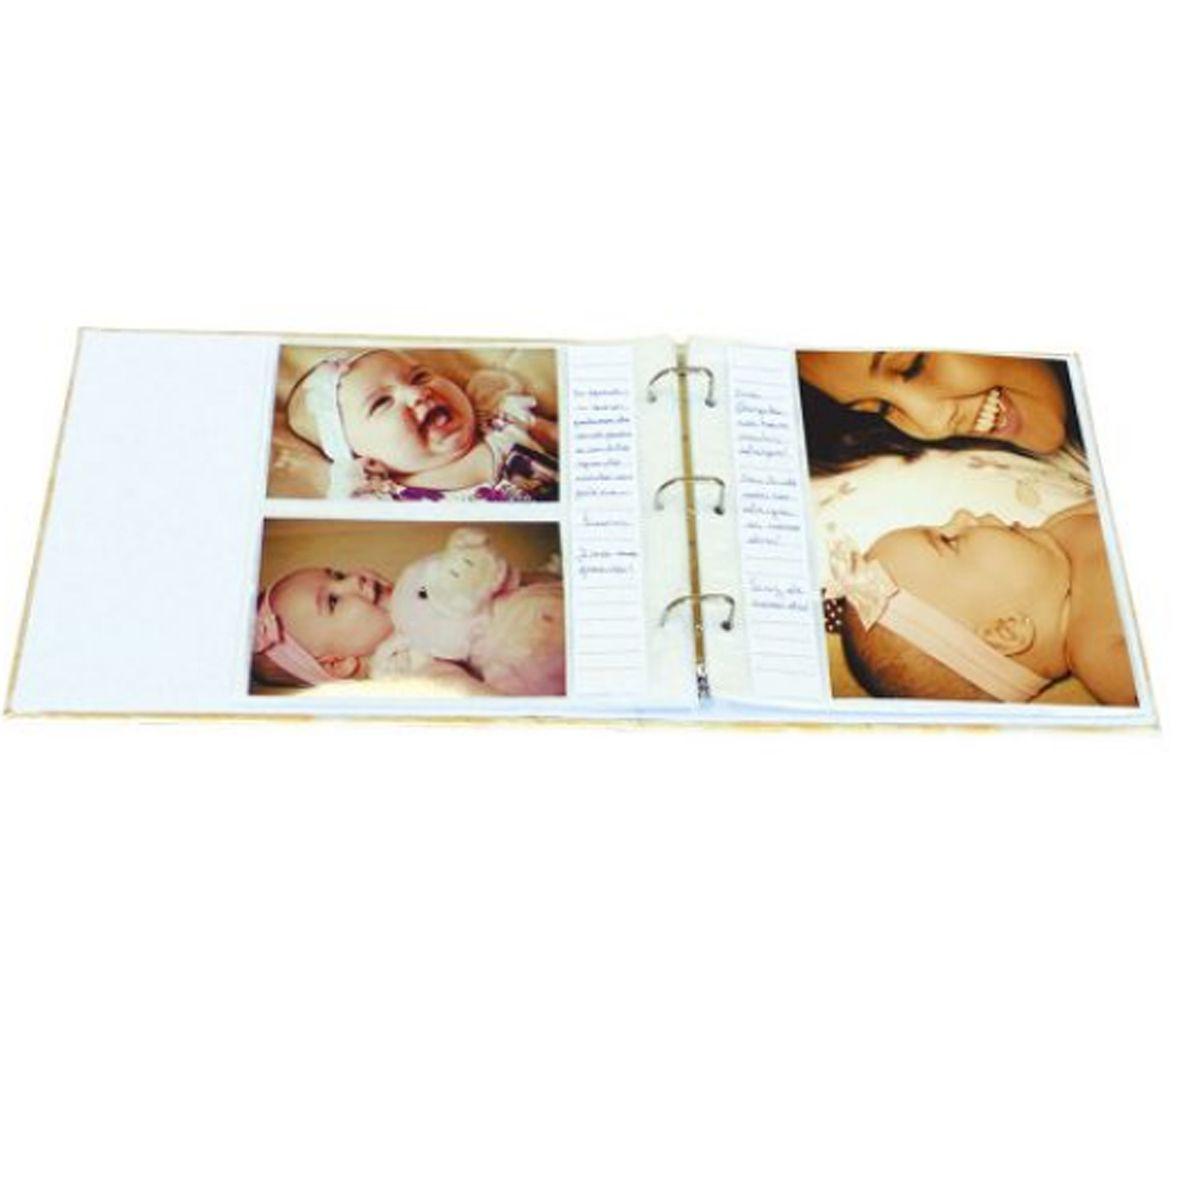 Álbum do bebe 120 fotos 10x15 Ical 04